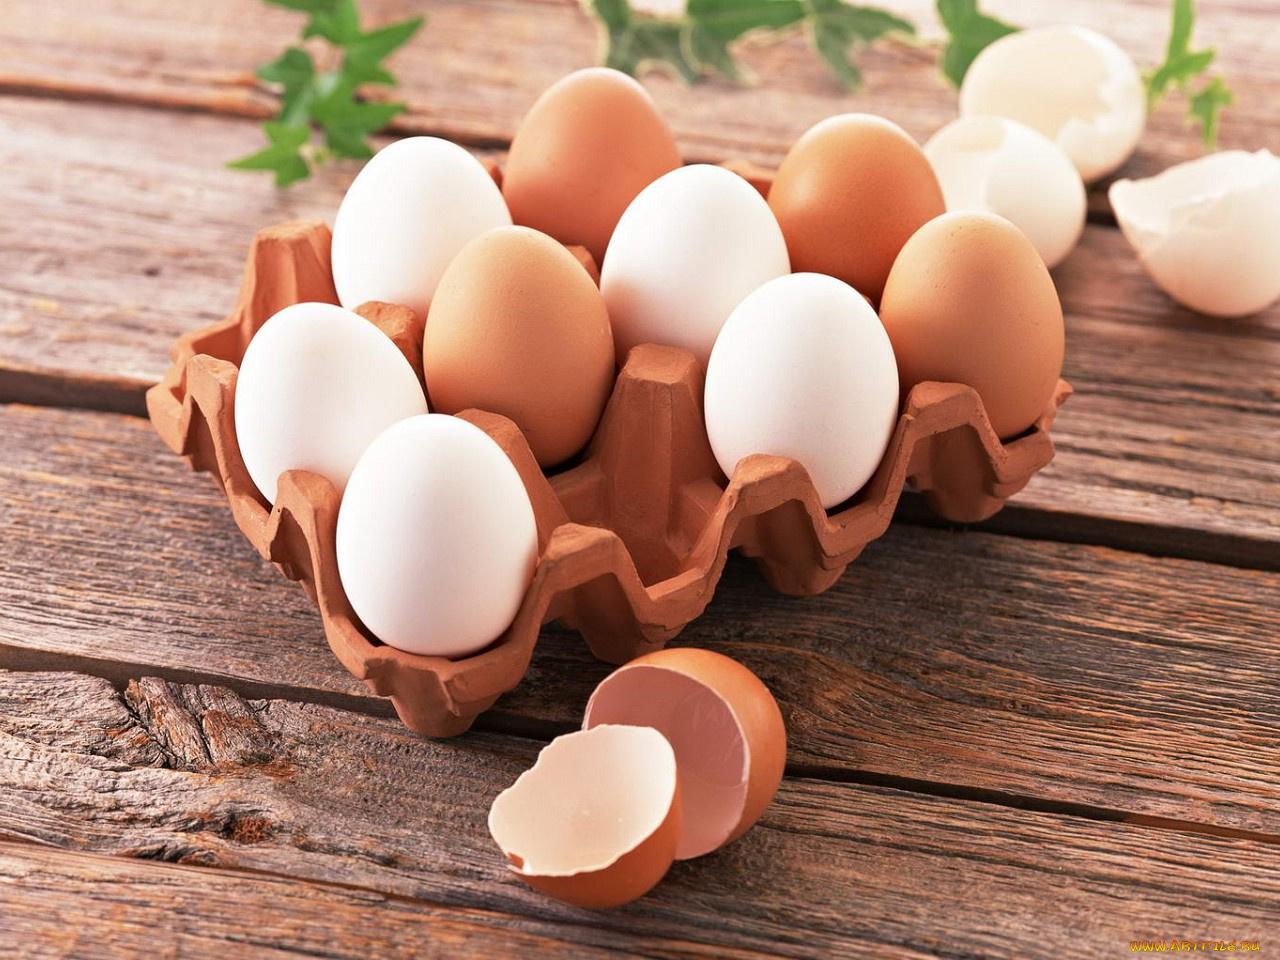 РИА Новости: россияне едят слишком много яиц